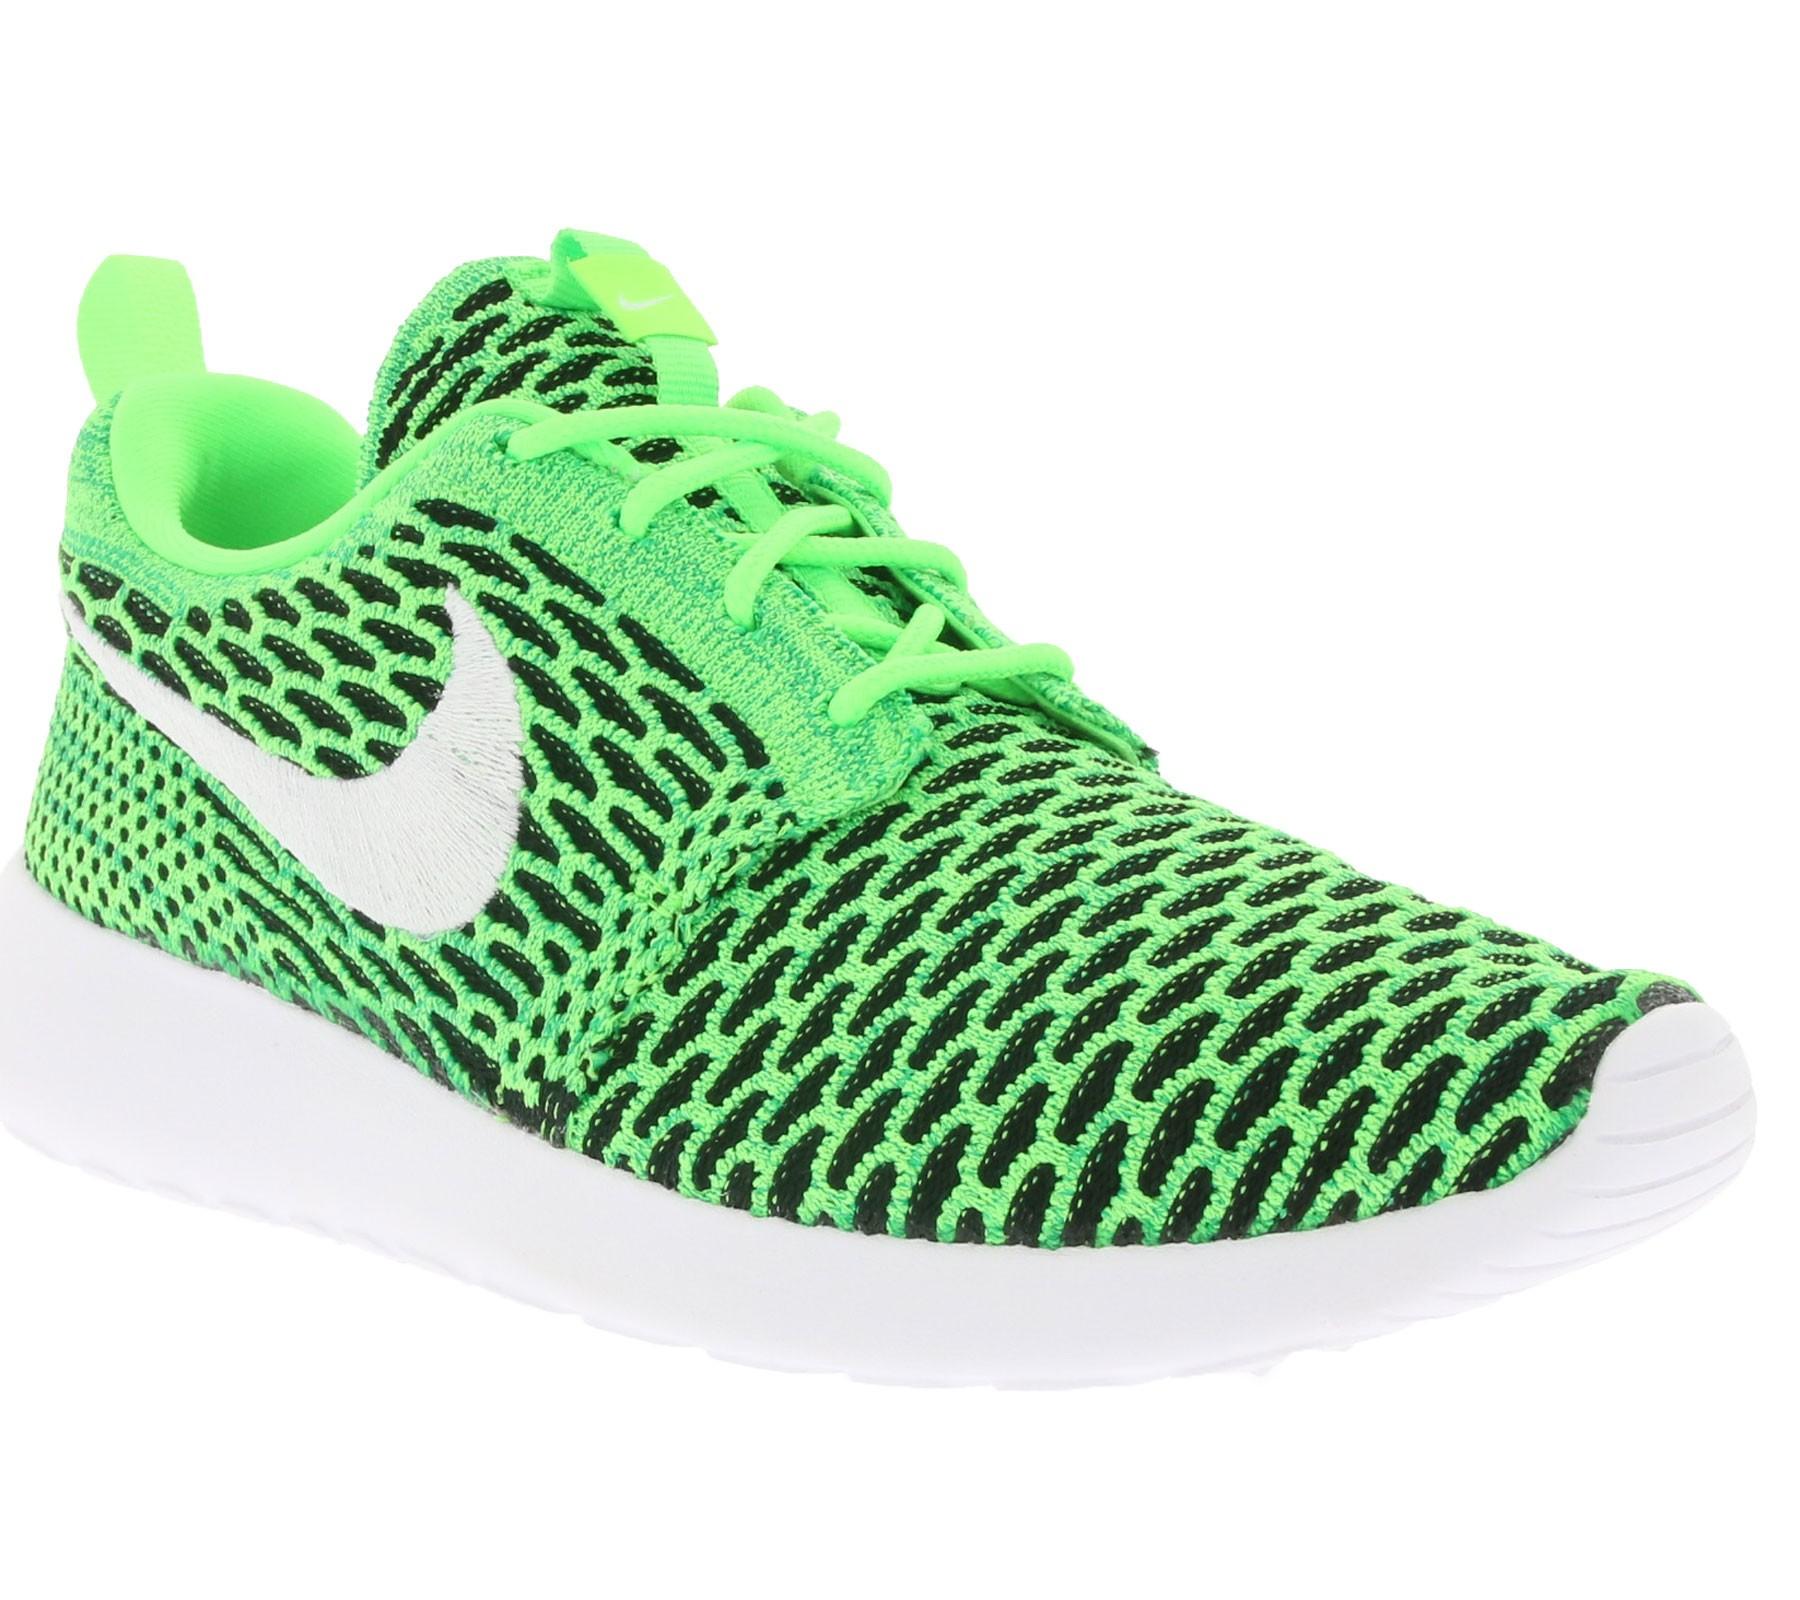 Nike WMNS Rosherun Flyknit Damen Sneaker Grün für nur 44,99€ @outlet46